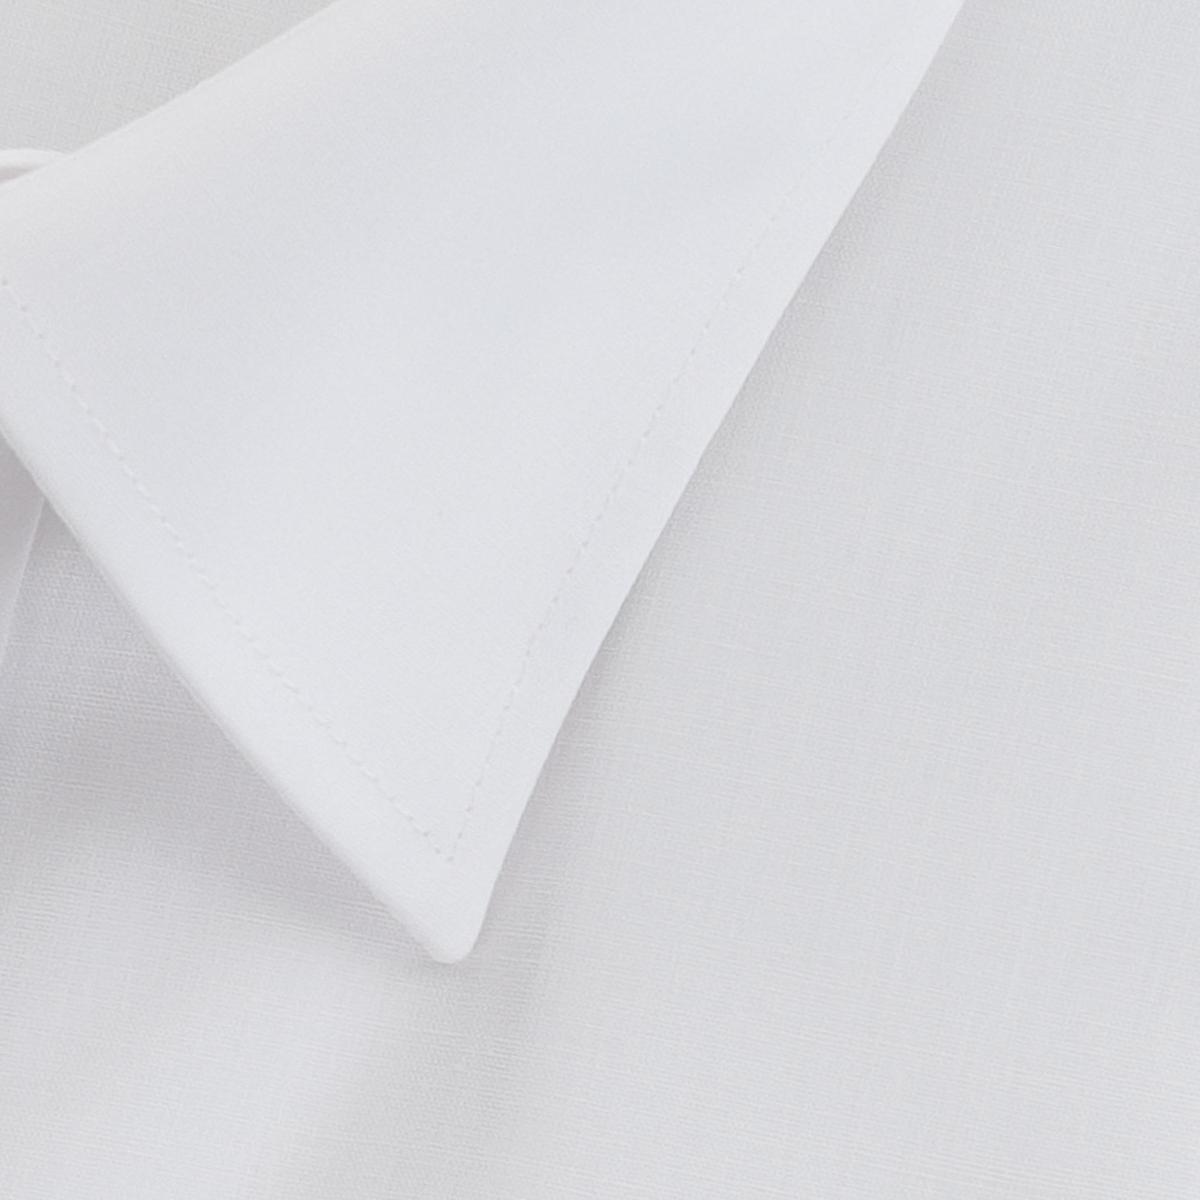 形態安定 防汚 ワイド ワイシャツ 長袖 【LADE ASTON】